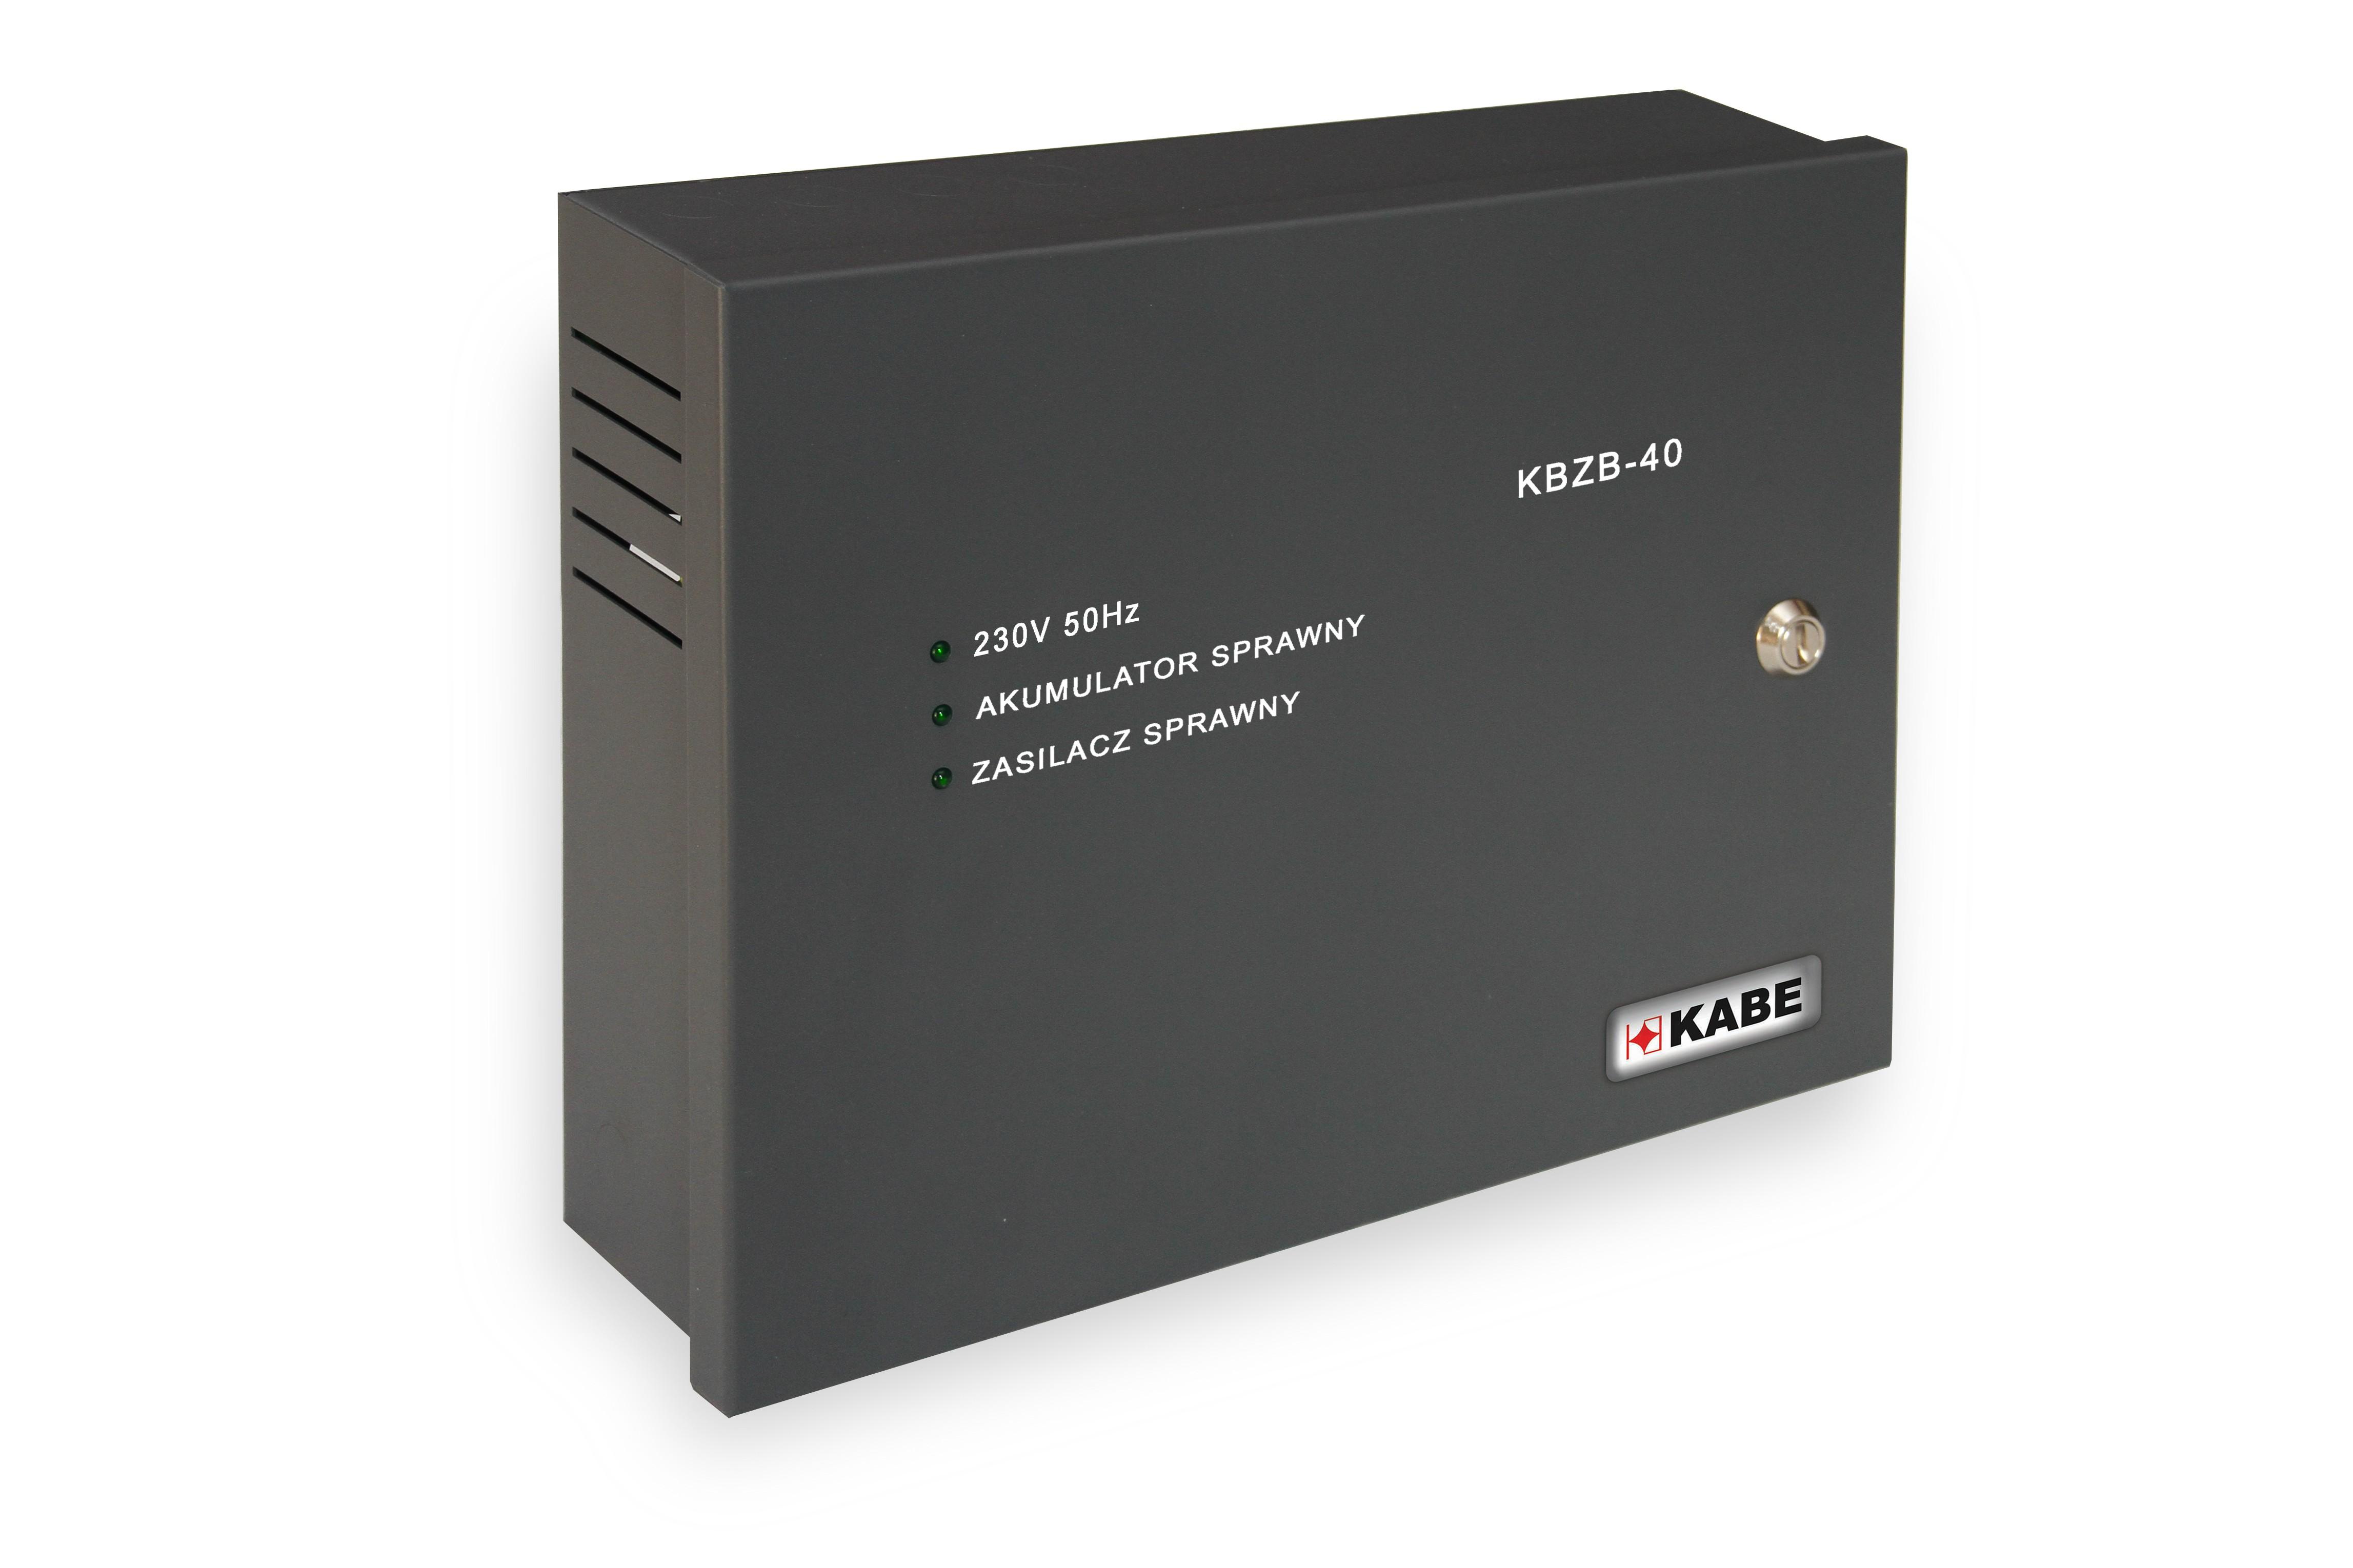 Zasilacz buforowy KBZB-40 5,5A/7Ah